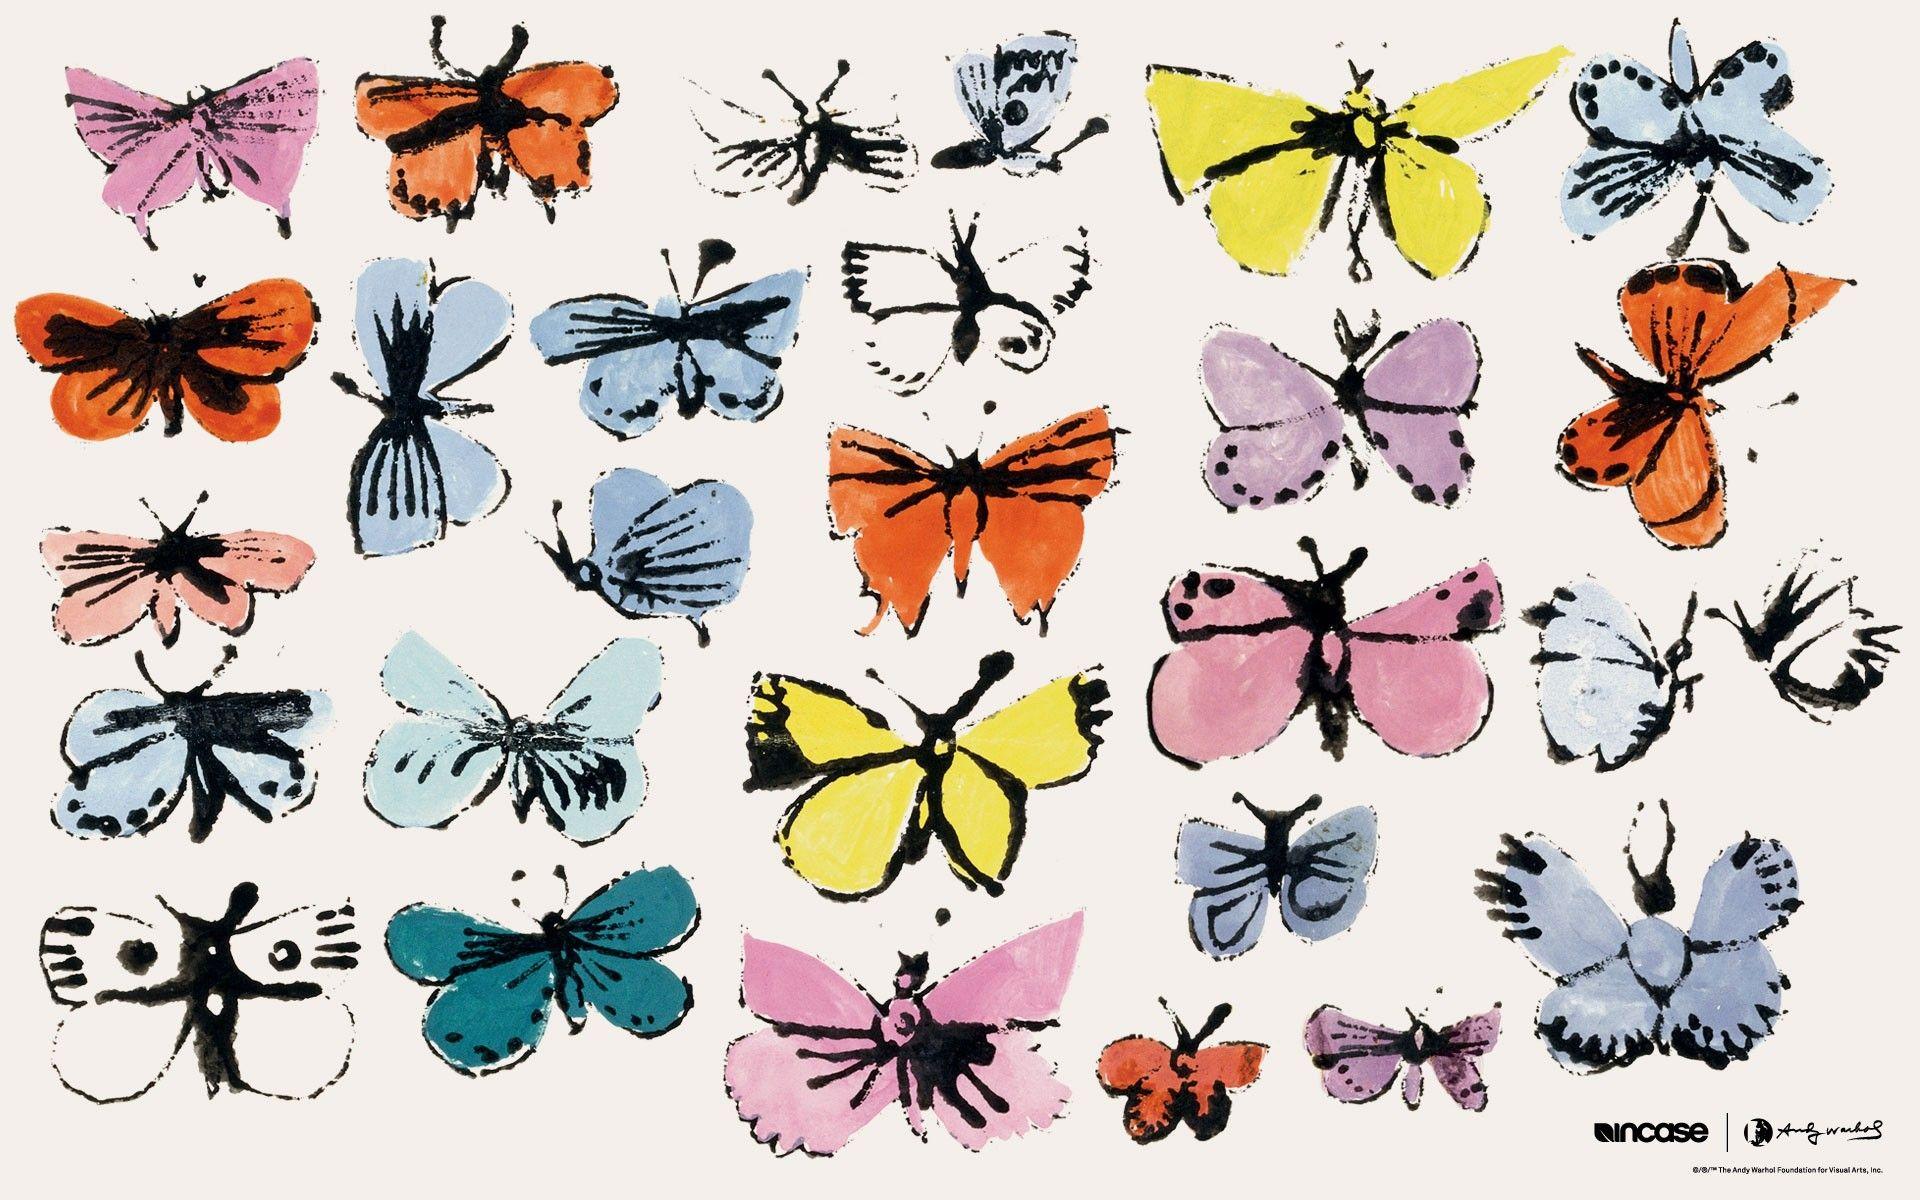 Andy Warhol Wallpaper Andy warhol wa. Pinturas y Imprimibles